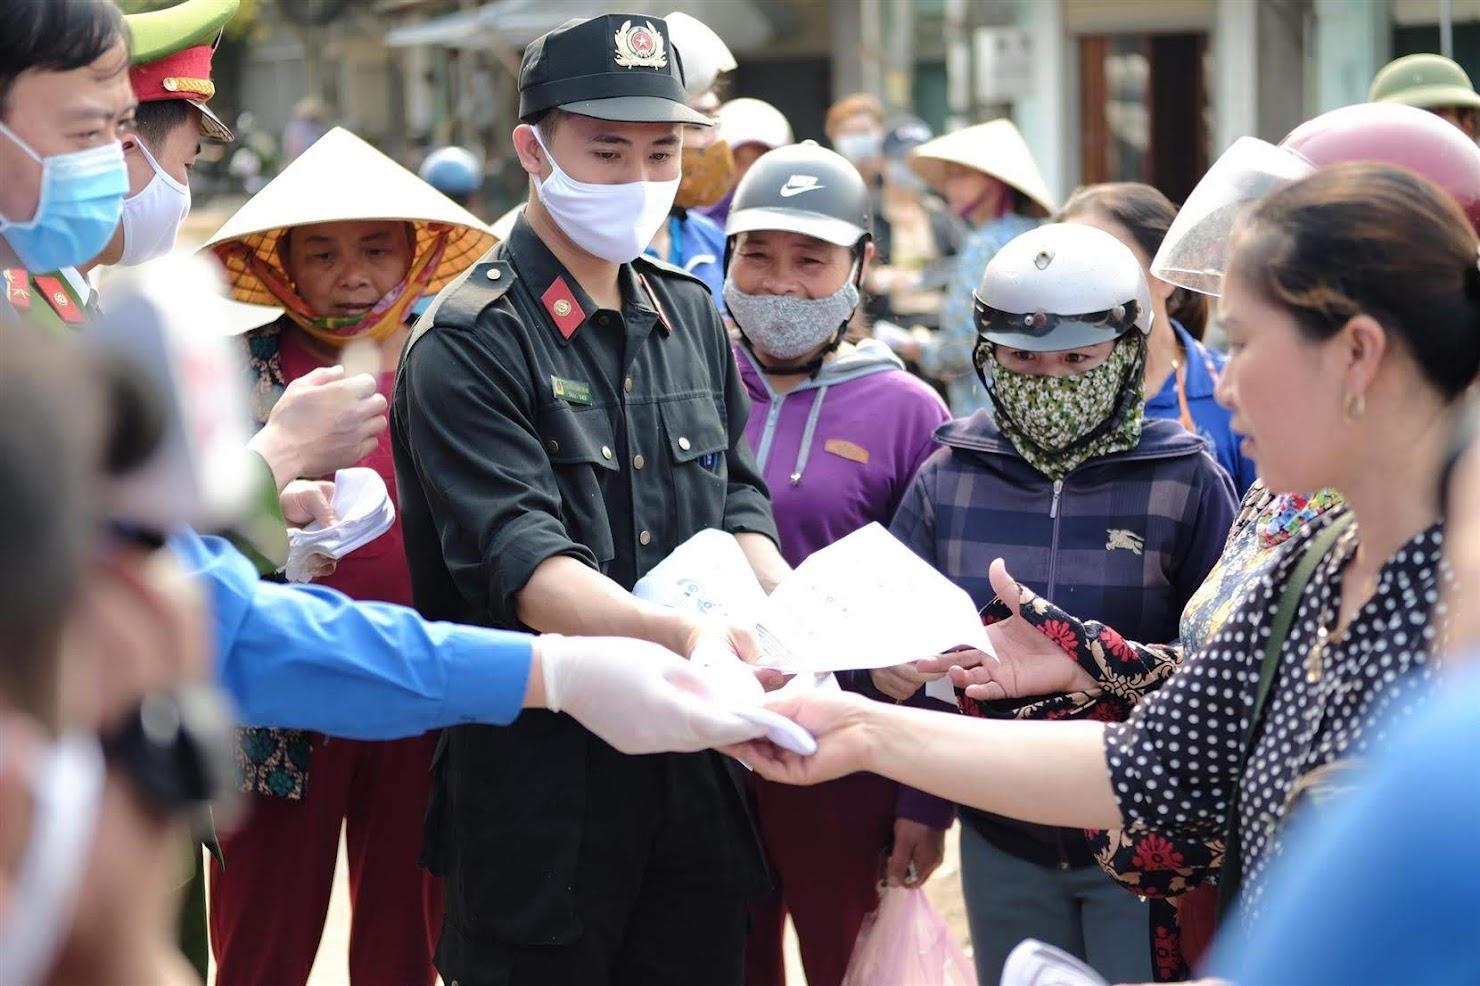 Tại Nghi Lộc; Đoàn viên của Đoàn cơ sở Phòng Cảnh sát Cơ động cũng đã tiến hành phát  khẩu trang cho người dân tại chợ Đình, xã Nghi Long